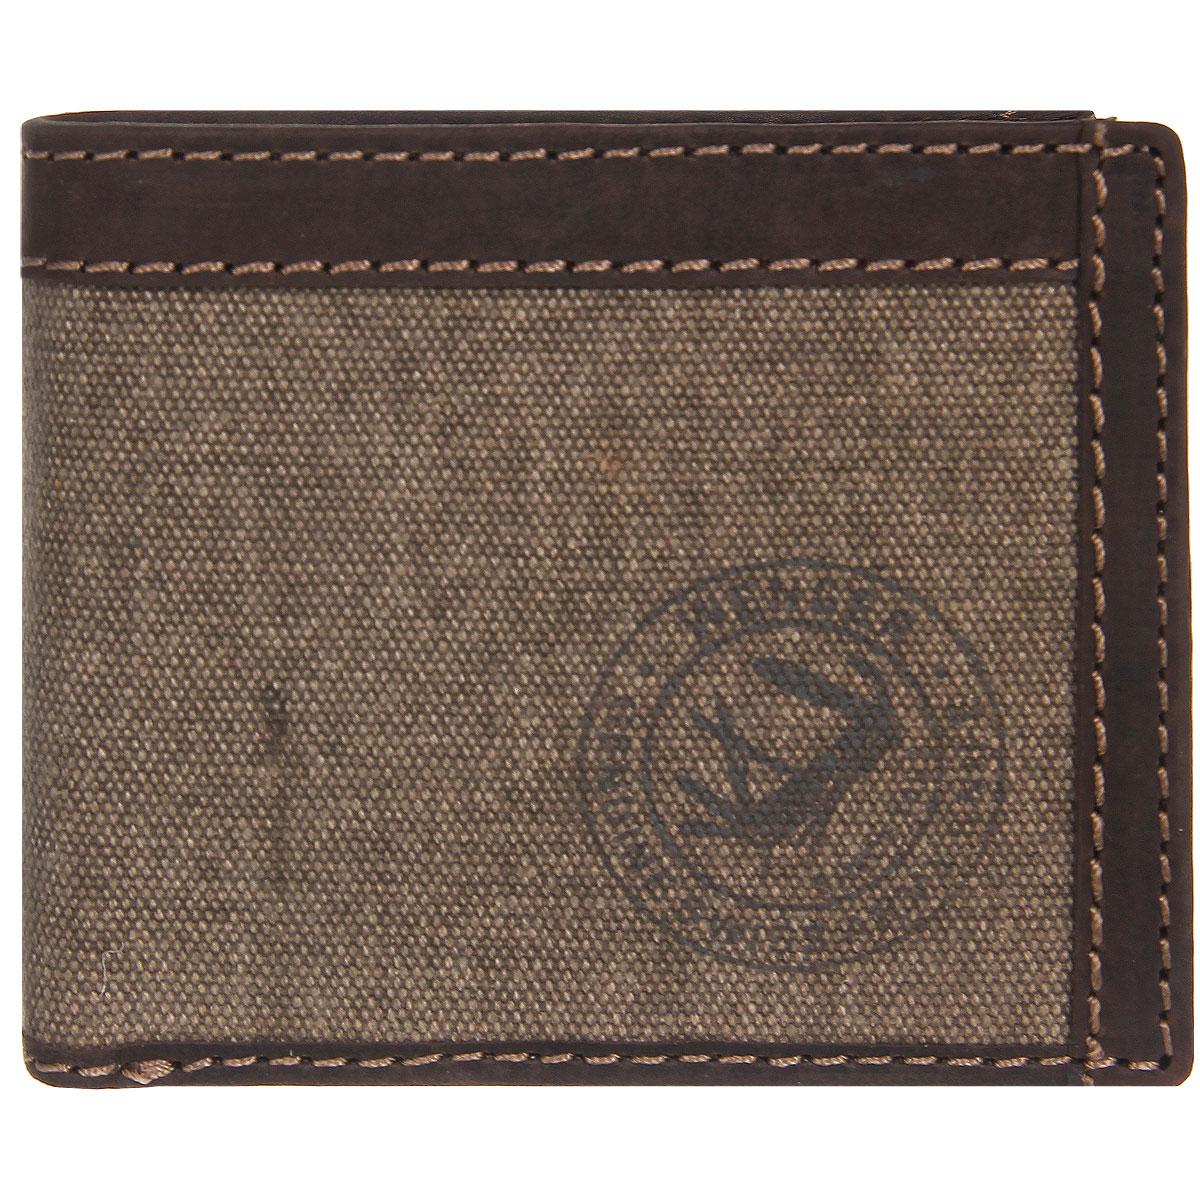 Портмоне мужское Wenger, цвет: коричневый. W19-05BP-001 BKТрендовое мужское портмоне Wenger изготовлено из натуральной кожи и текстиля и оформлено светлой прострочкой, а также логотипом бренда на лицевой стороне. Внутри - два отделения для купюр, отсек для мелочи на кнопке, врезной карман на застежке-молнии и два боковых кармана. Откидной блок, закрывающийся хлястиком на кнопку, содержит девять прорезей для визиток и кредитных карт и два кармана с окошком из прозрачного пластика. Внутренняя поверхность портмоне отделана твилом с узором гусиная лапка.Портмоне упаковано в фирменную коробку.Модное портмоне Wenger займет достойное место среди вашей коллекции аксессуаров. По всем вопросам гарантийного и постгарантийного обслуживания рюкзаков, чемоданов, спортивных и кожаных сумок, а также портмоне марок Wenger и SwissGear вы можете обратиться в сервис-центр, расположенный по адресу: г. Москва, Саввинская набережная, д.3. Тел: (495) 788-39-96, (499) 248-56-56, ежедневно с 9:00 до 21:00. Подробные условия гарантийного обслуживания приведены в гарантийном талоне, поставляемым в комплекте с каждым изделием. Бесплатный ремонт изделий производится при условии предоставления гарантийного талона и товарного/кассового чека, подтверждающего дату покупки.